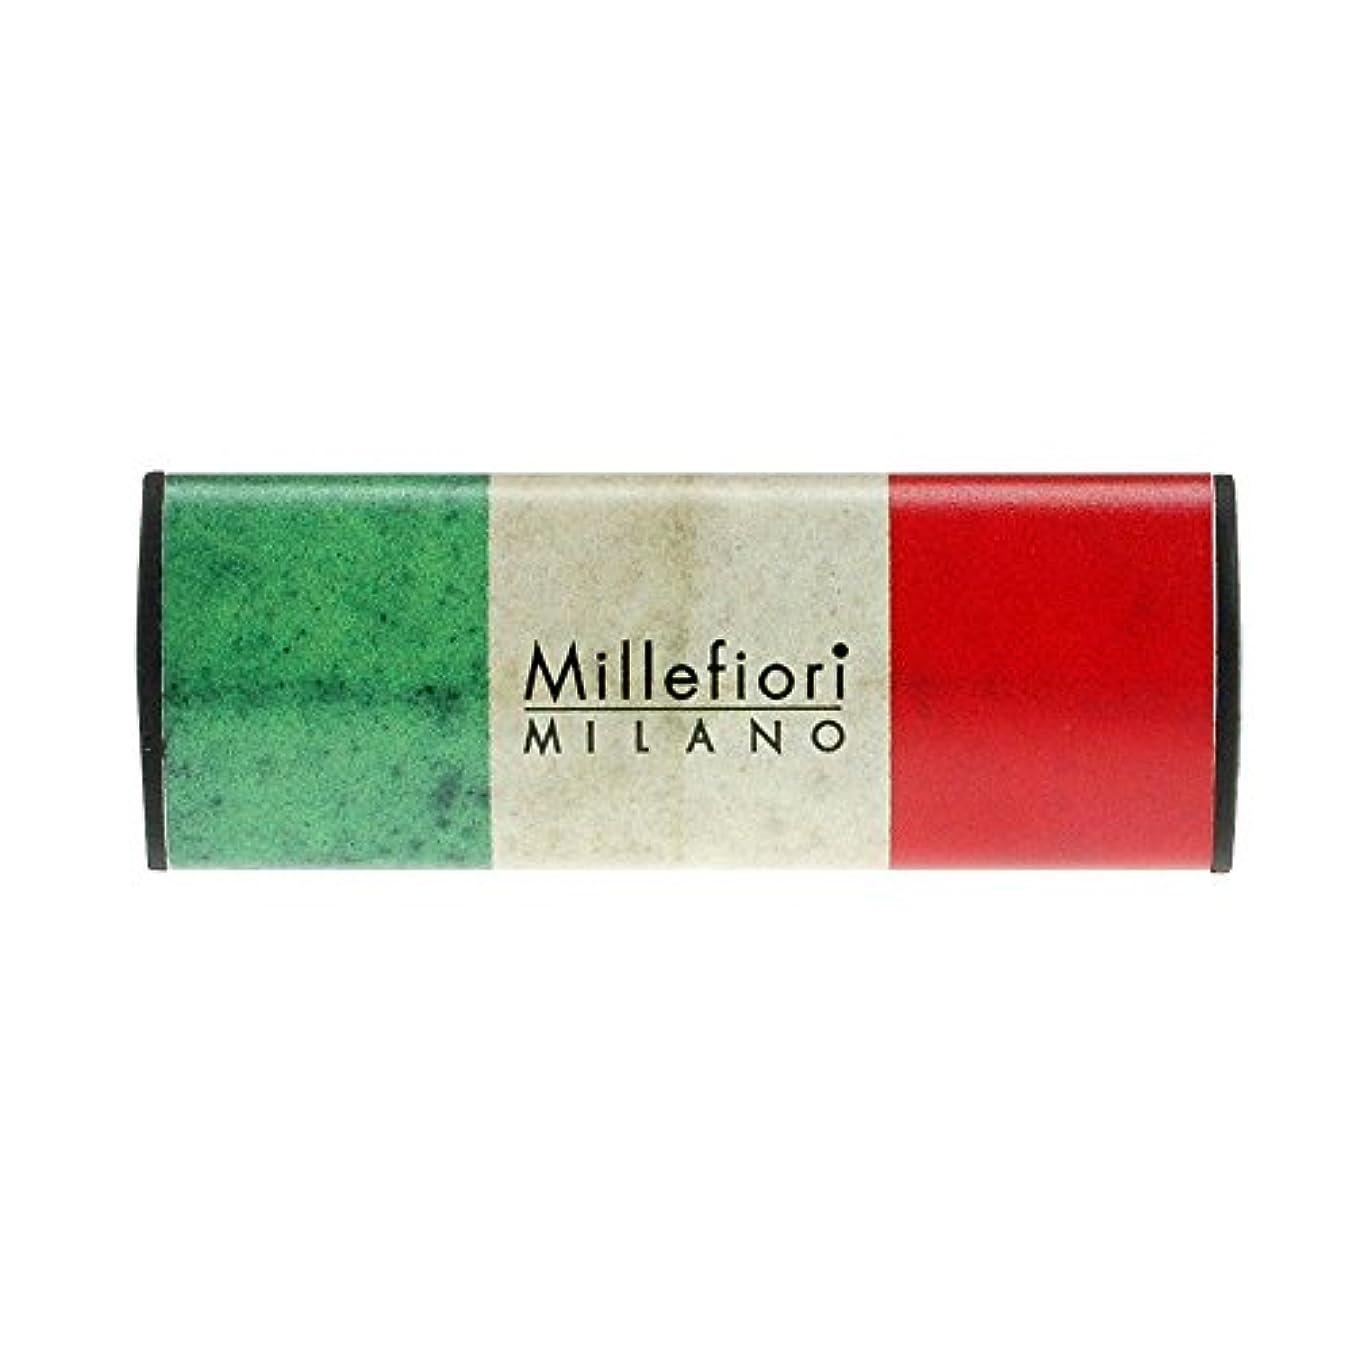 完璧ルーアンタゴニストMillefiori カーエアフレッシュナー FLAG グレープフルーツ CDIF-G-004